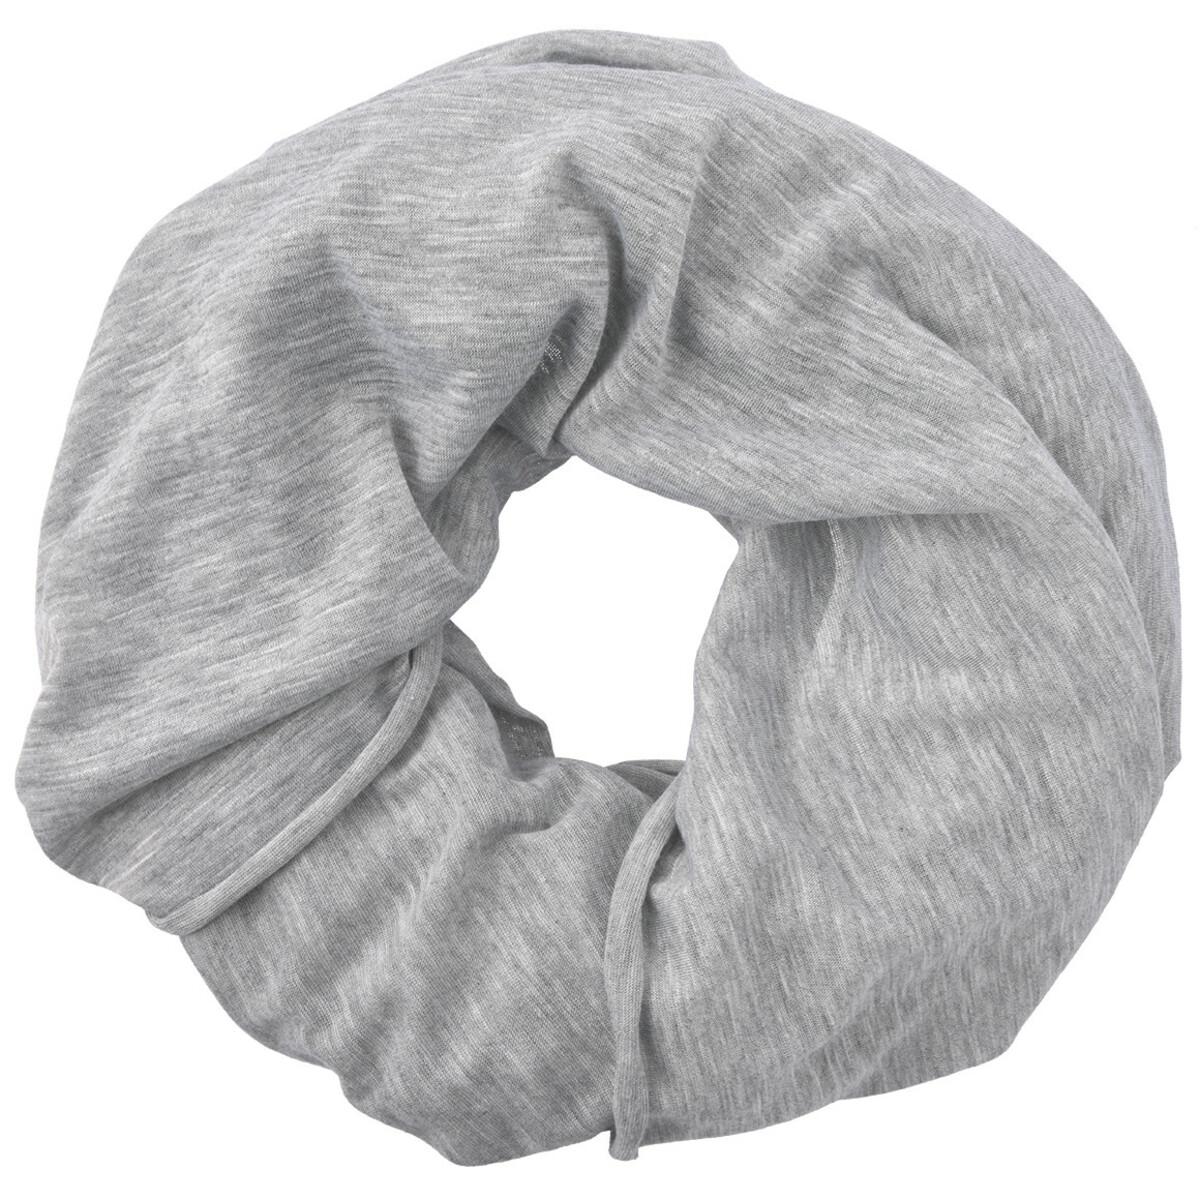 Bild 1 von Damen Tuch aus Flammgarn